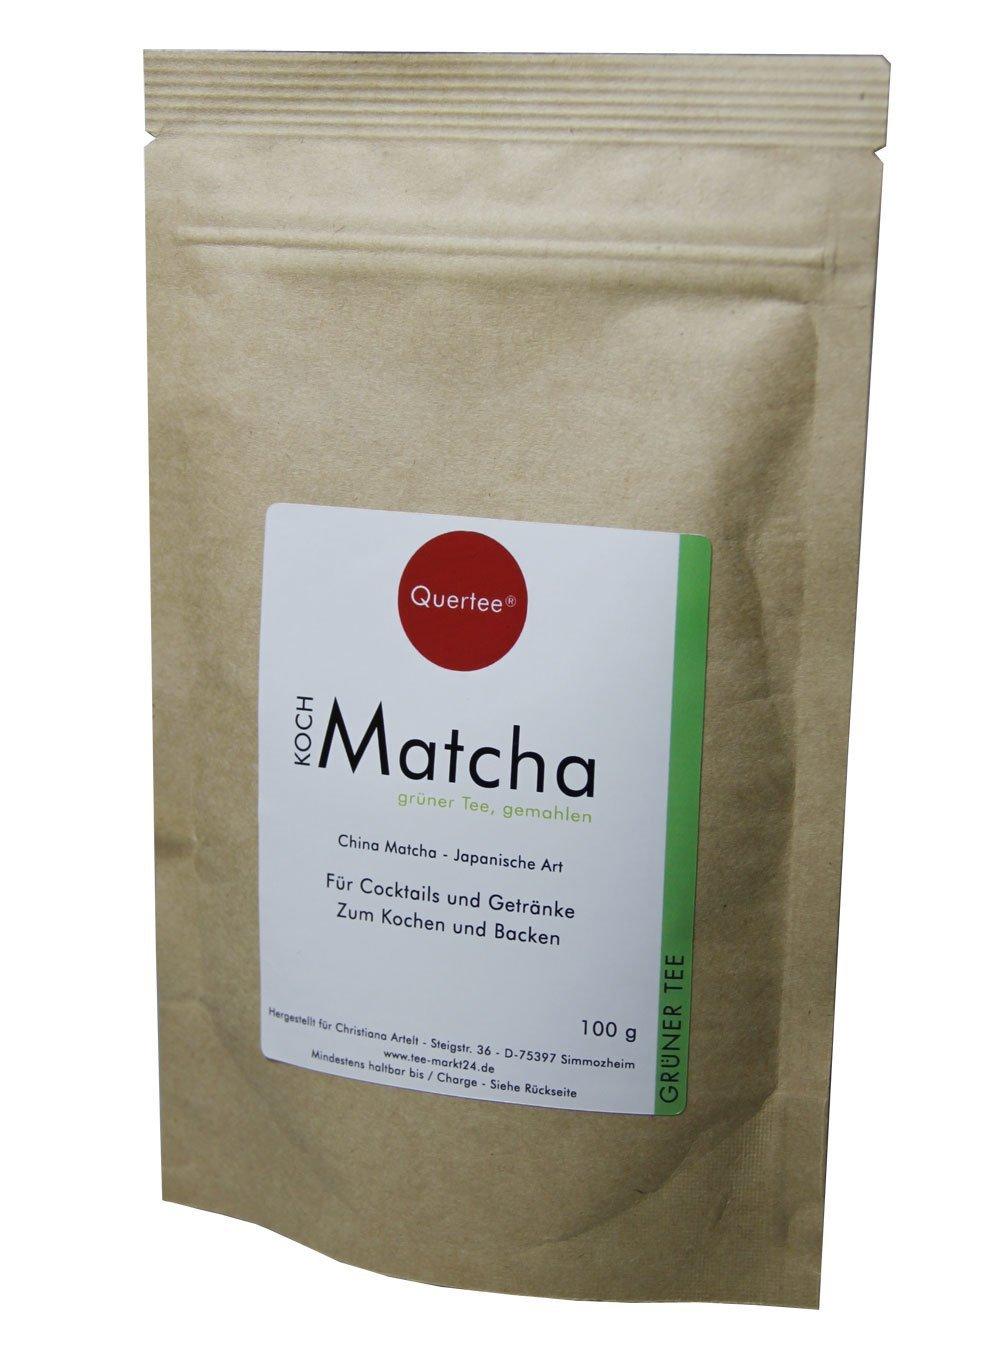 Matcha-Tee-Pulver-100-g-im-Zip-Beutel-zum-Kochen-Backen-Cocktails-Mixgetrnke-usw